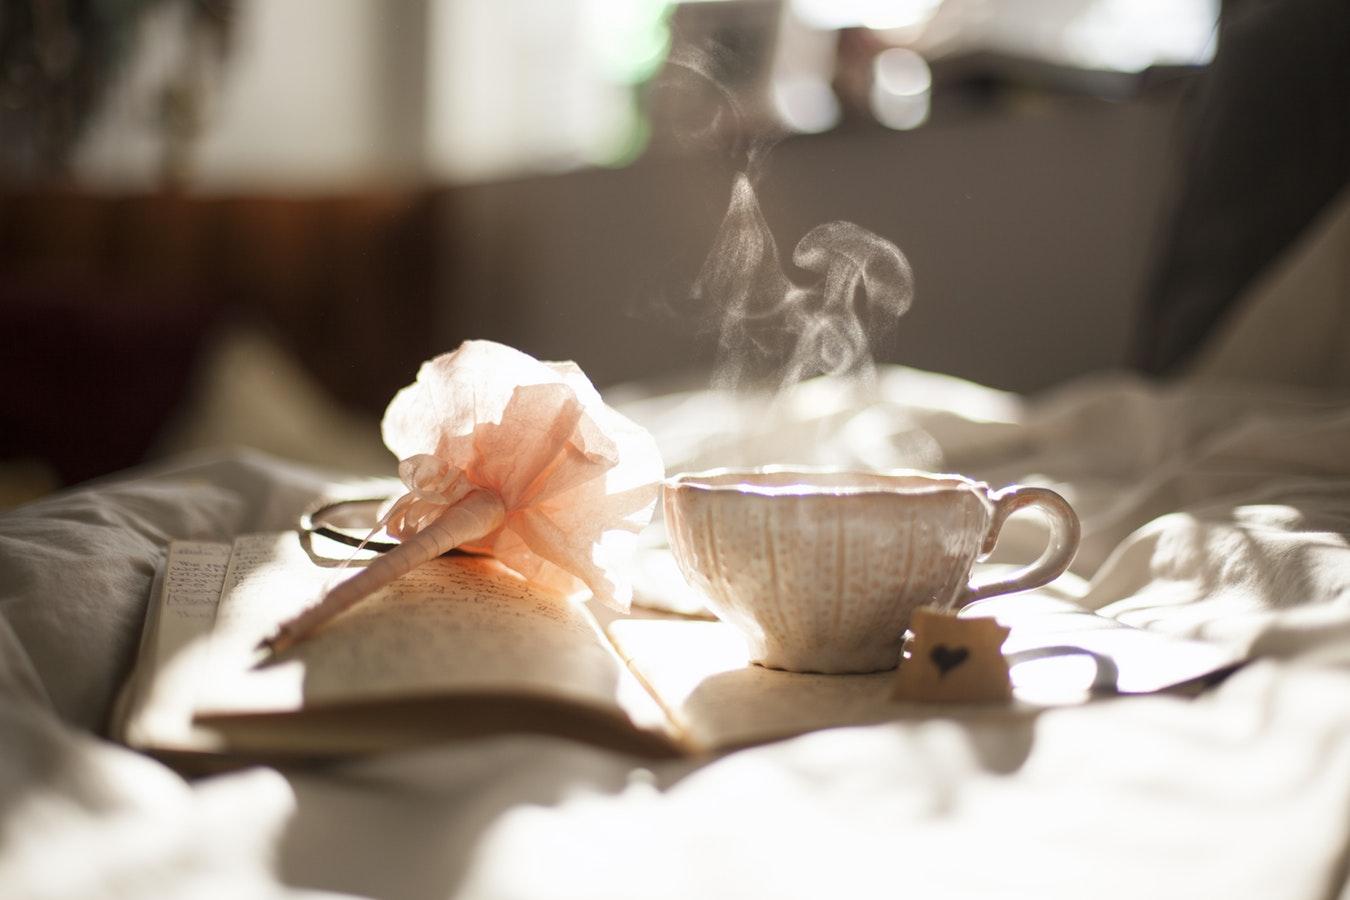 【蔡順山專欄】台灣東方美人茶的最佳沖泡方法